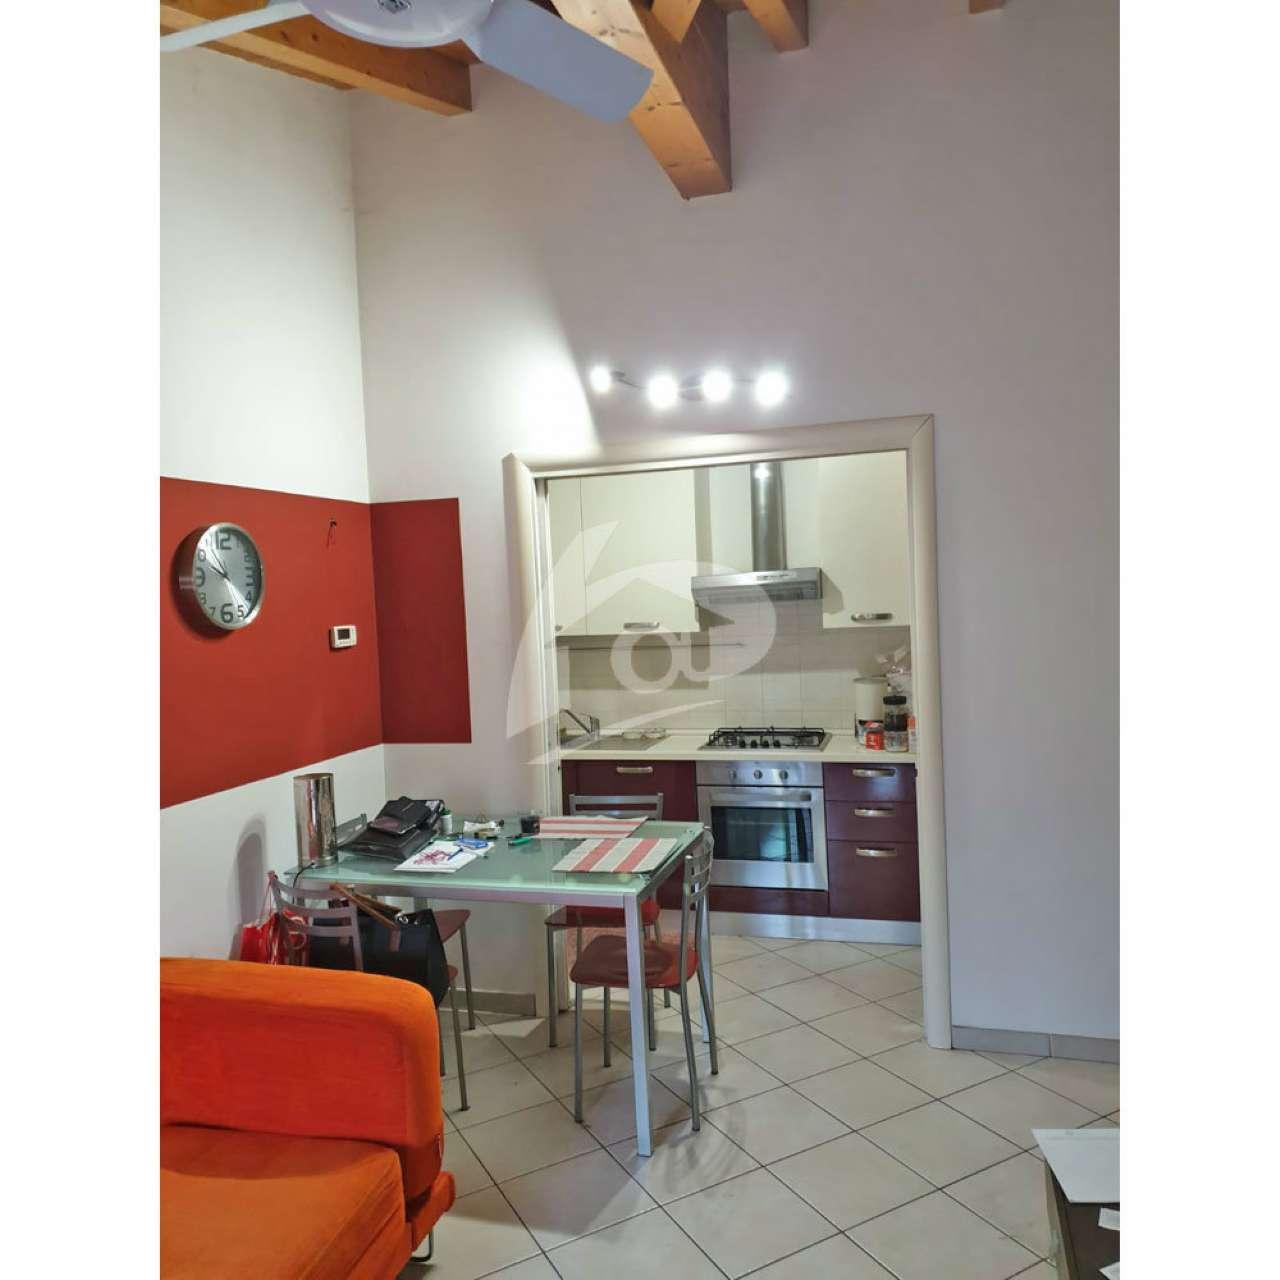 Appartamento in affitto a Gemonio, 2 locali, prezzo € 550 | PortaleAgenzieImmobiliari.it